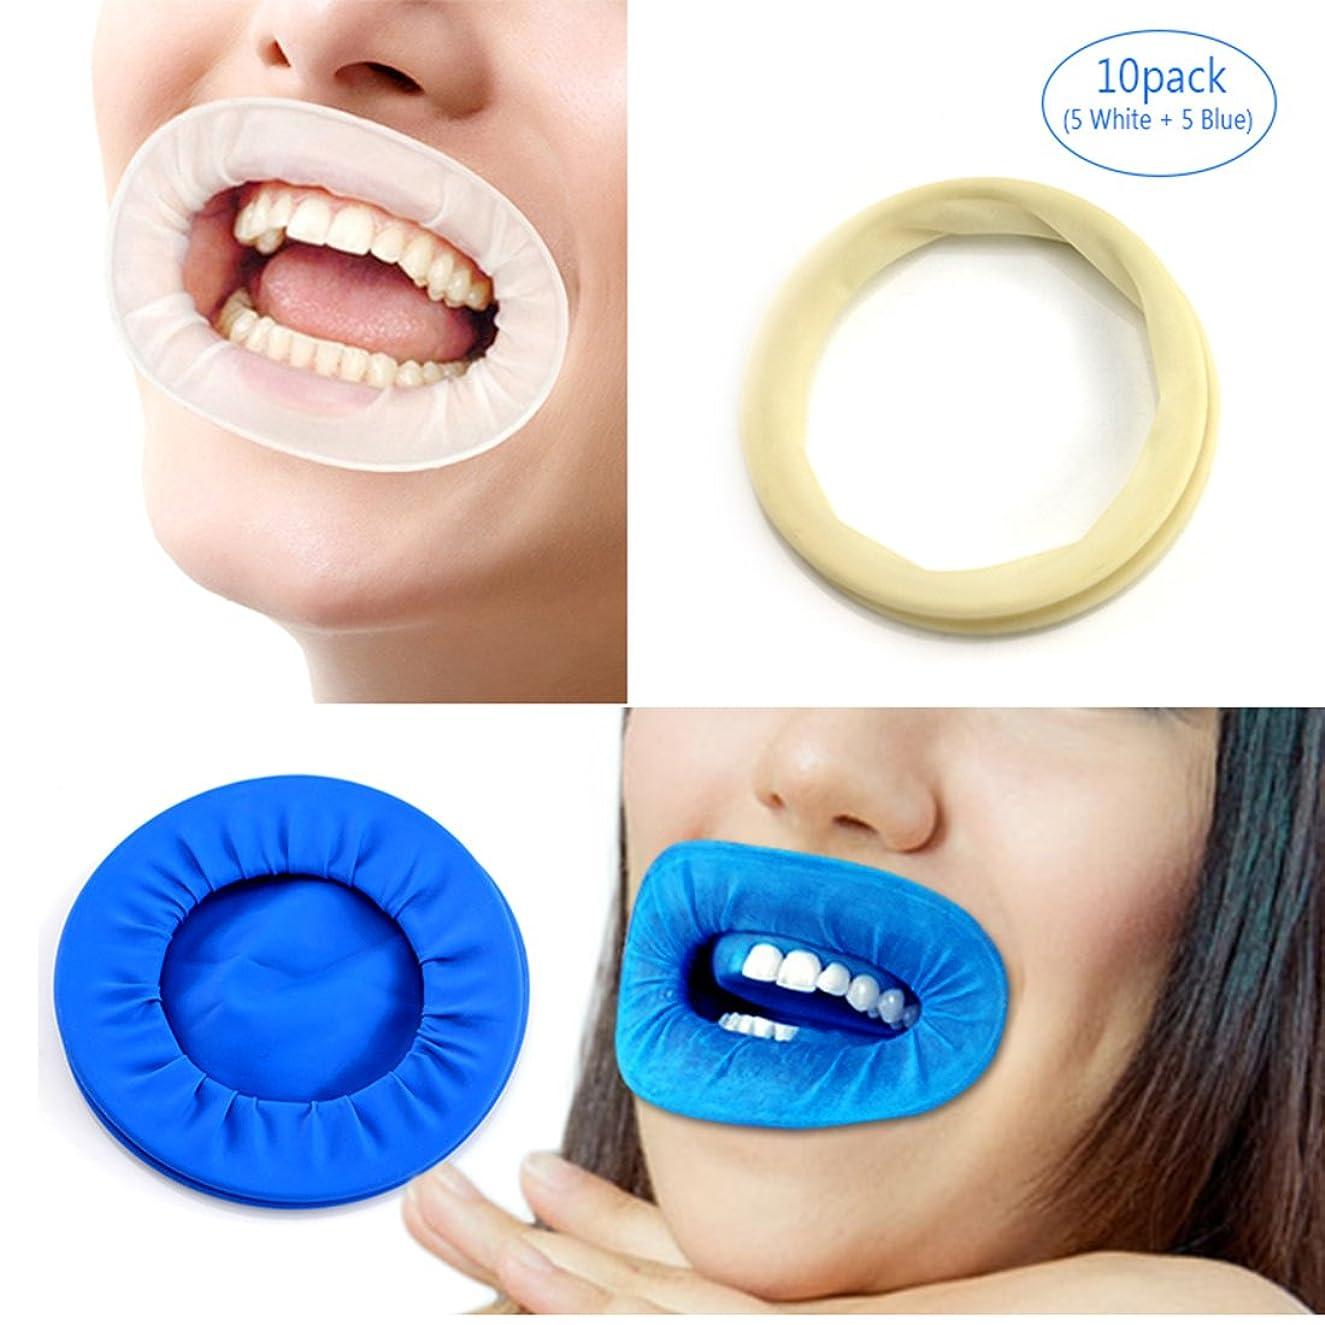 尋ねるキャプチャー投資するEZGO 10個歯科用ディスポーザブル非ラテックスラバーティックリトラクタ、ラバーダム&マウスギャグオープナーは歯を分離し、液体、感染症および過酷な化学物質から口を保護します(10パック) (5white+5blue)